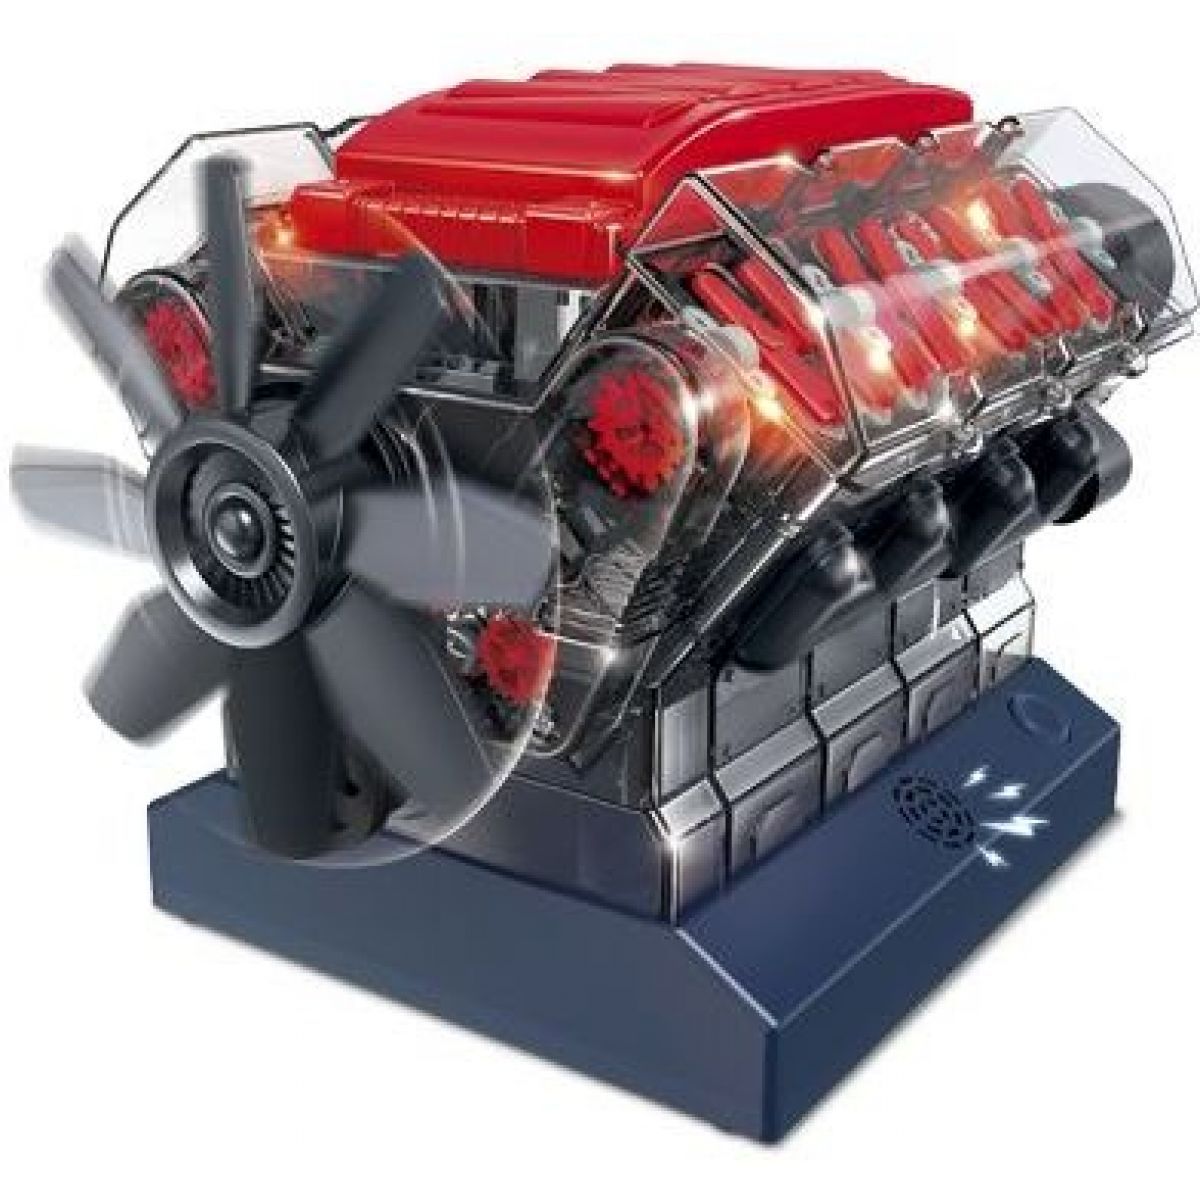 HM Studio Stemnex Motor V8 model